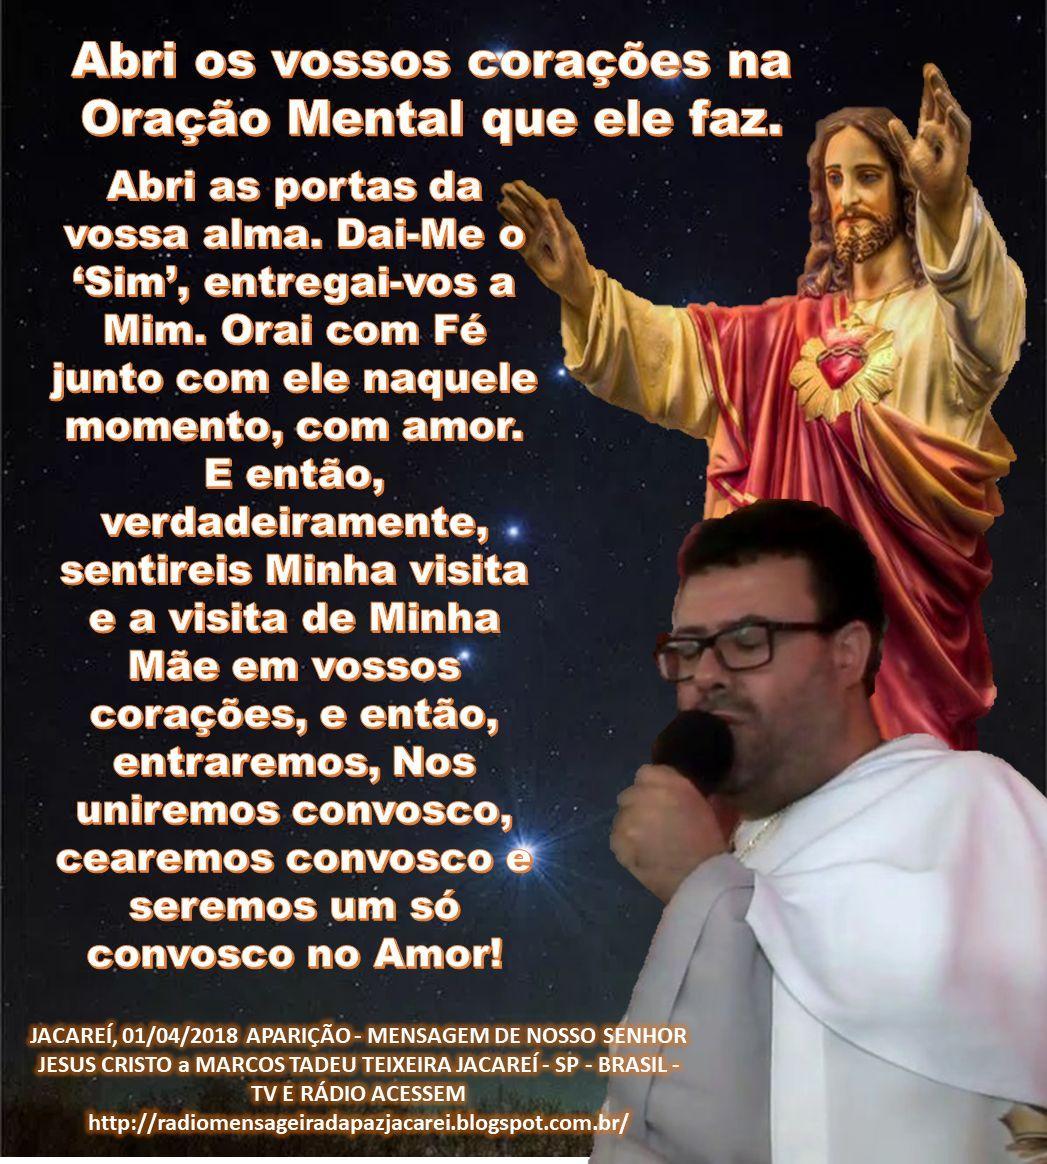 Adquira E Reze De Maria Vilas Em 2020 Oracao Coracao De Jesus